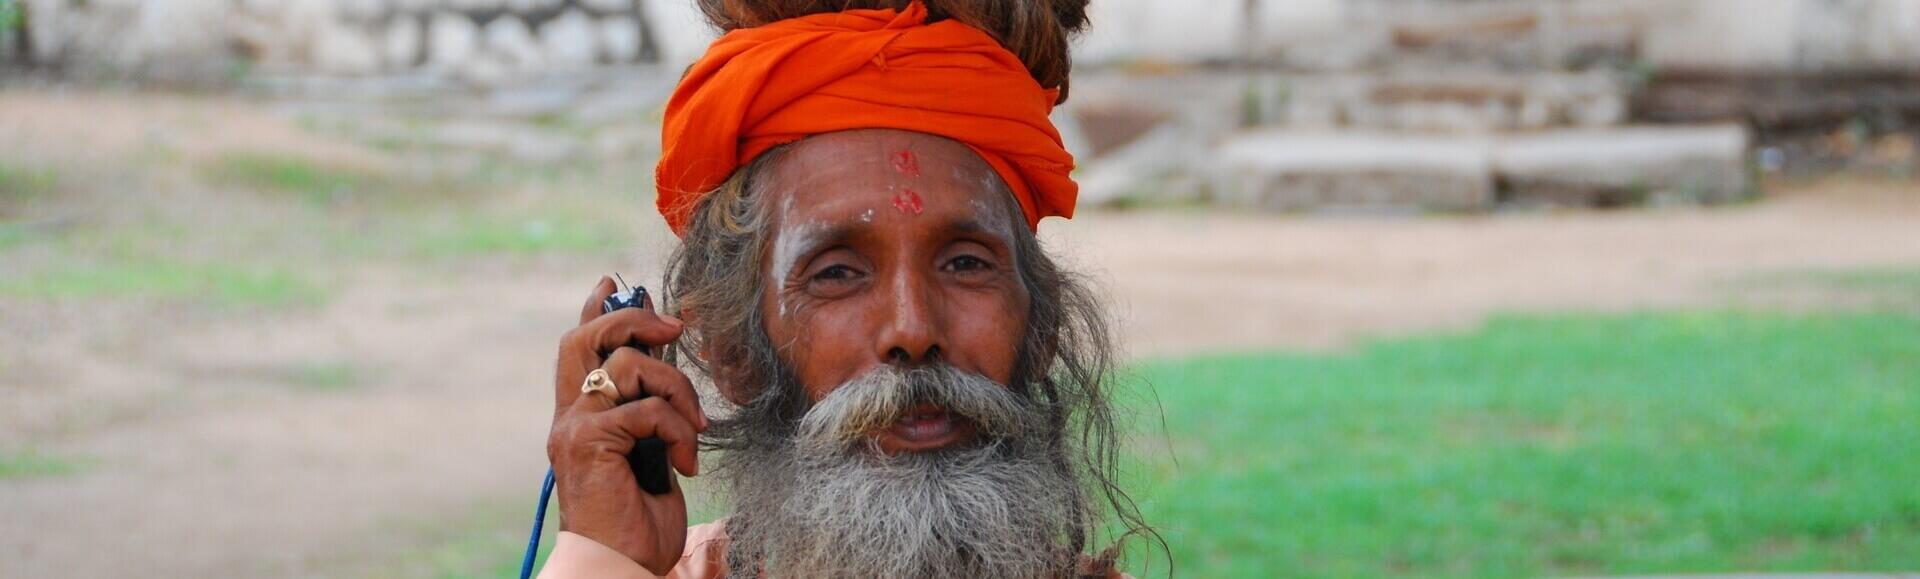 צור קשר לגעת בהודו